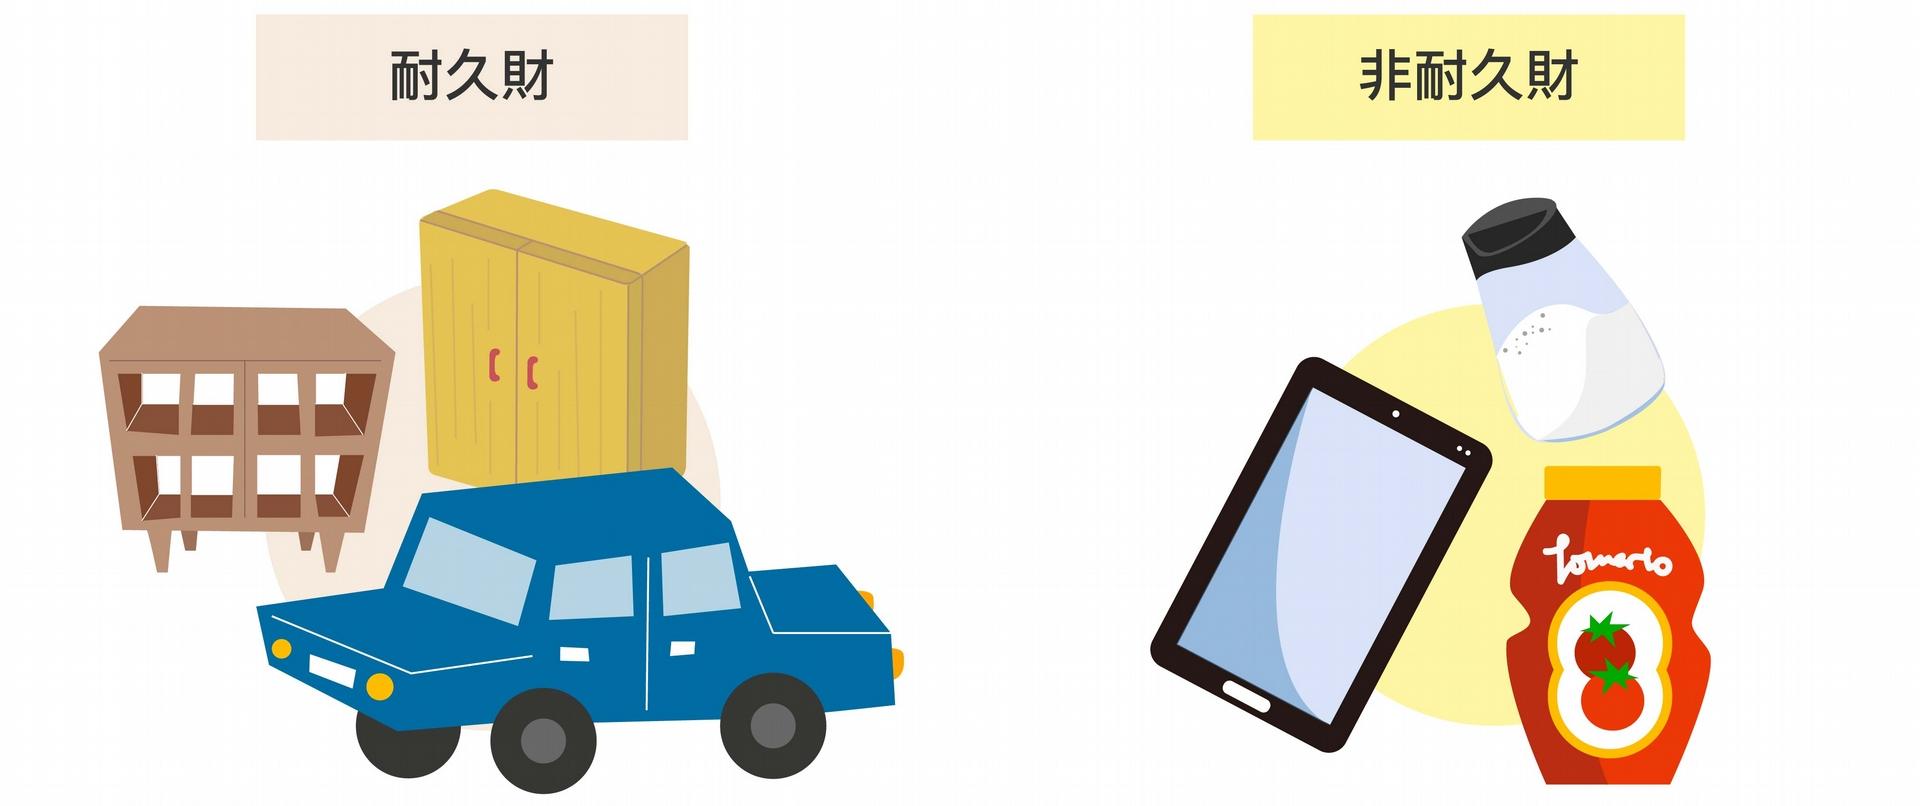 經濟結構不斷改變,因此模型也需要不斷修正。例如,臺灣已從製造業轉向服務業,高科技產業比重持續擴增,運算時就需要區分:消費屬於服務(餐飲、旅遊)或商品類?若是商品,那屬於耐久財(汽車)或非耐久財(日用品)? 圖│研之有物